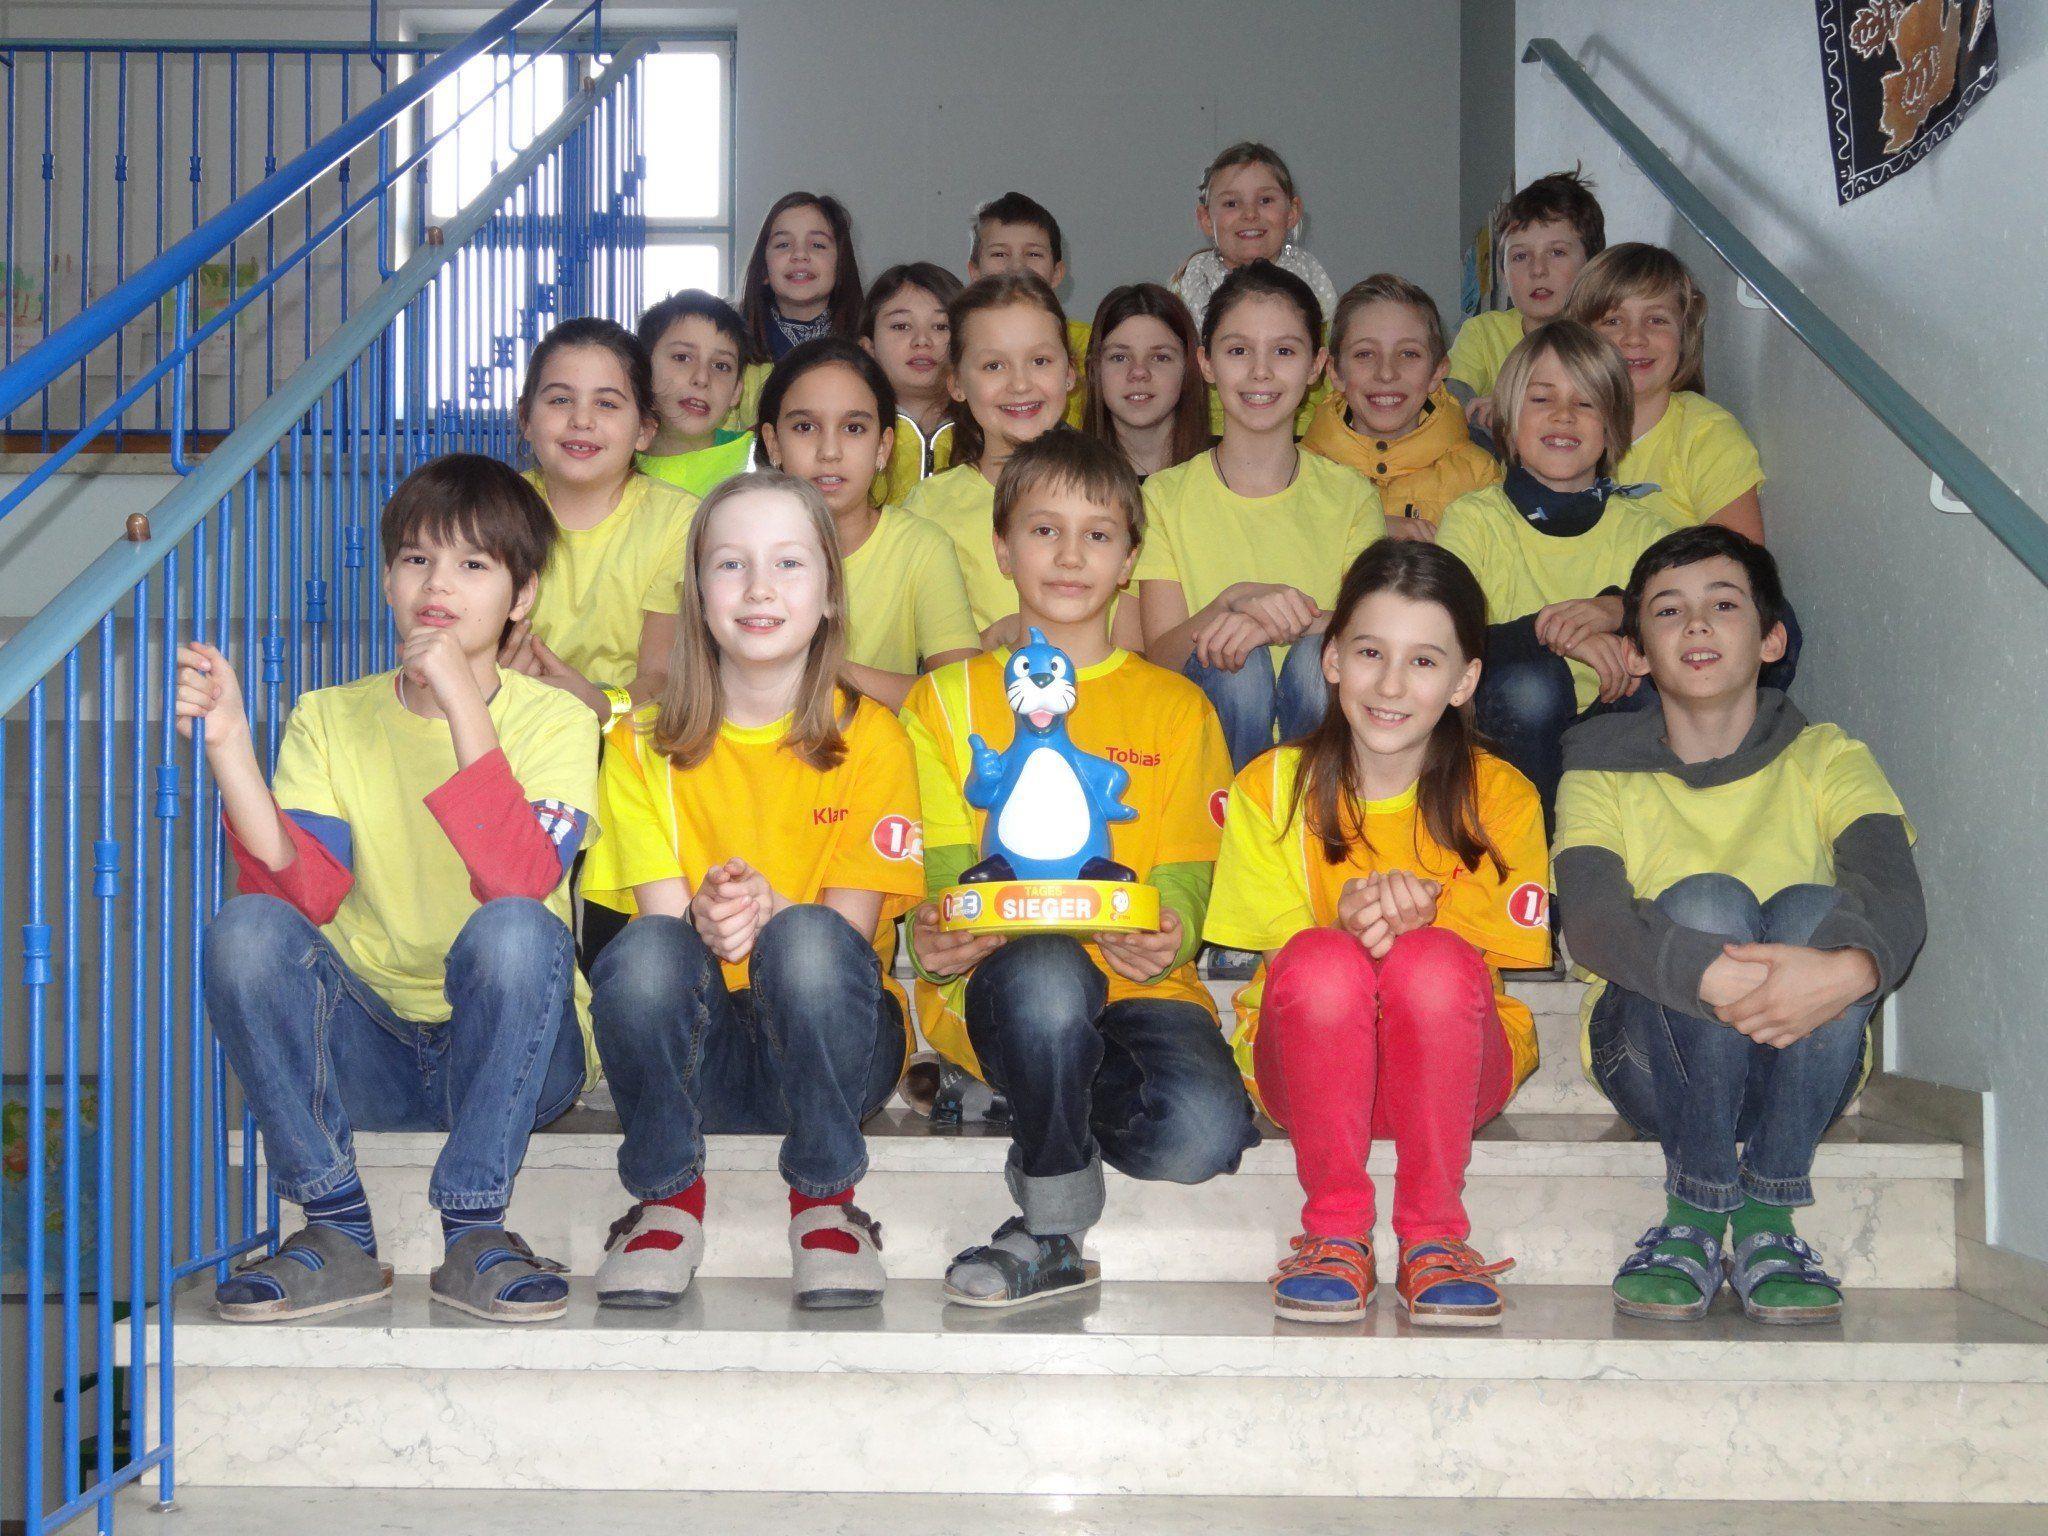 """Die drei """"1,2 oder 3"""" Kandidaten Hannah, Klara und Tobias mit ihren Klassenkameraden und Maskottchen """"Piet"""""""